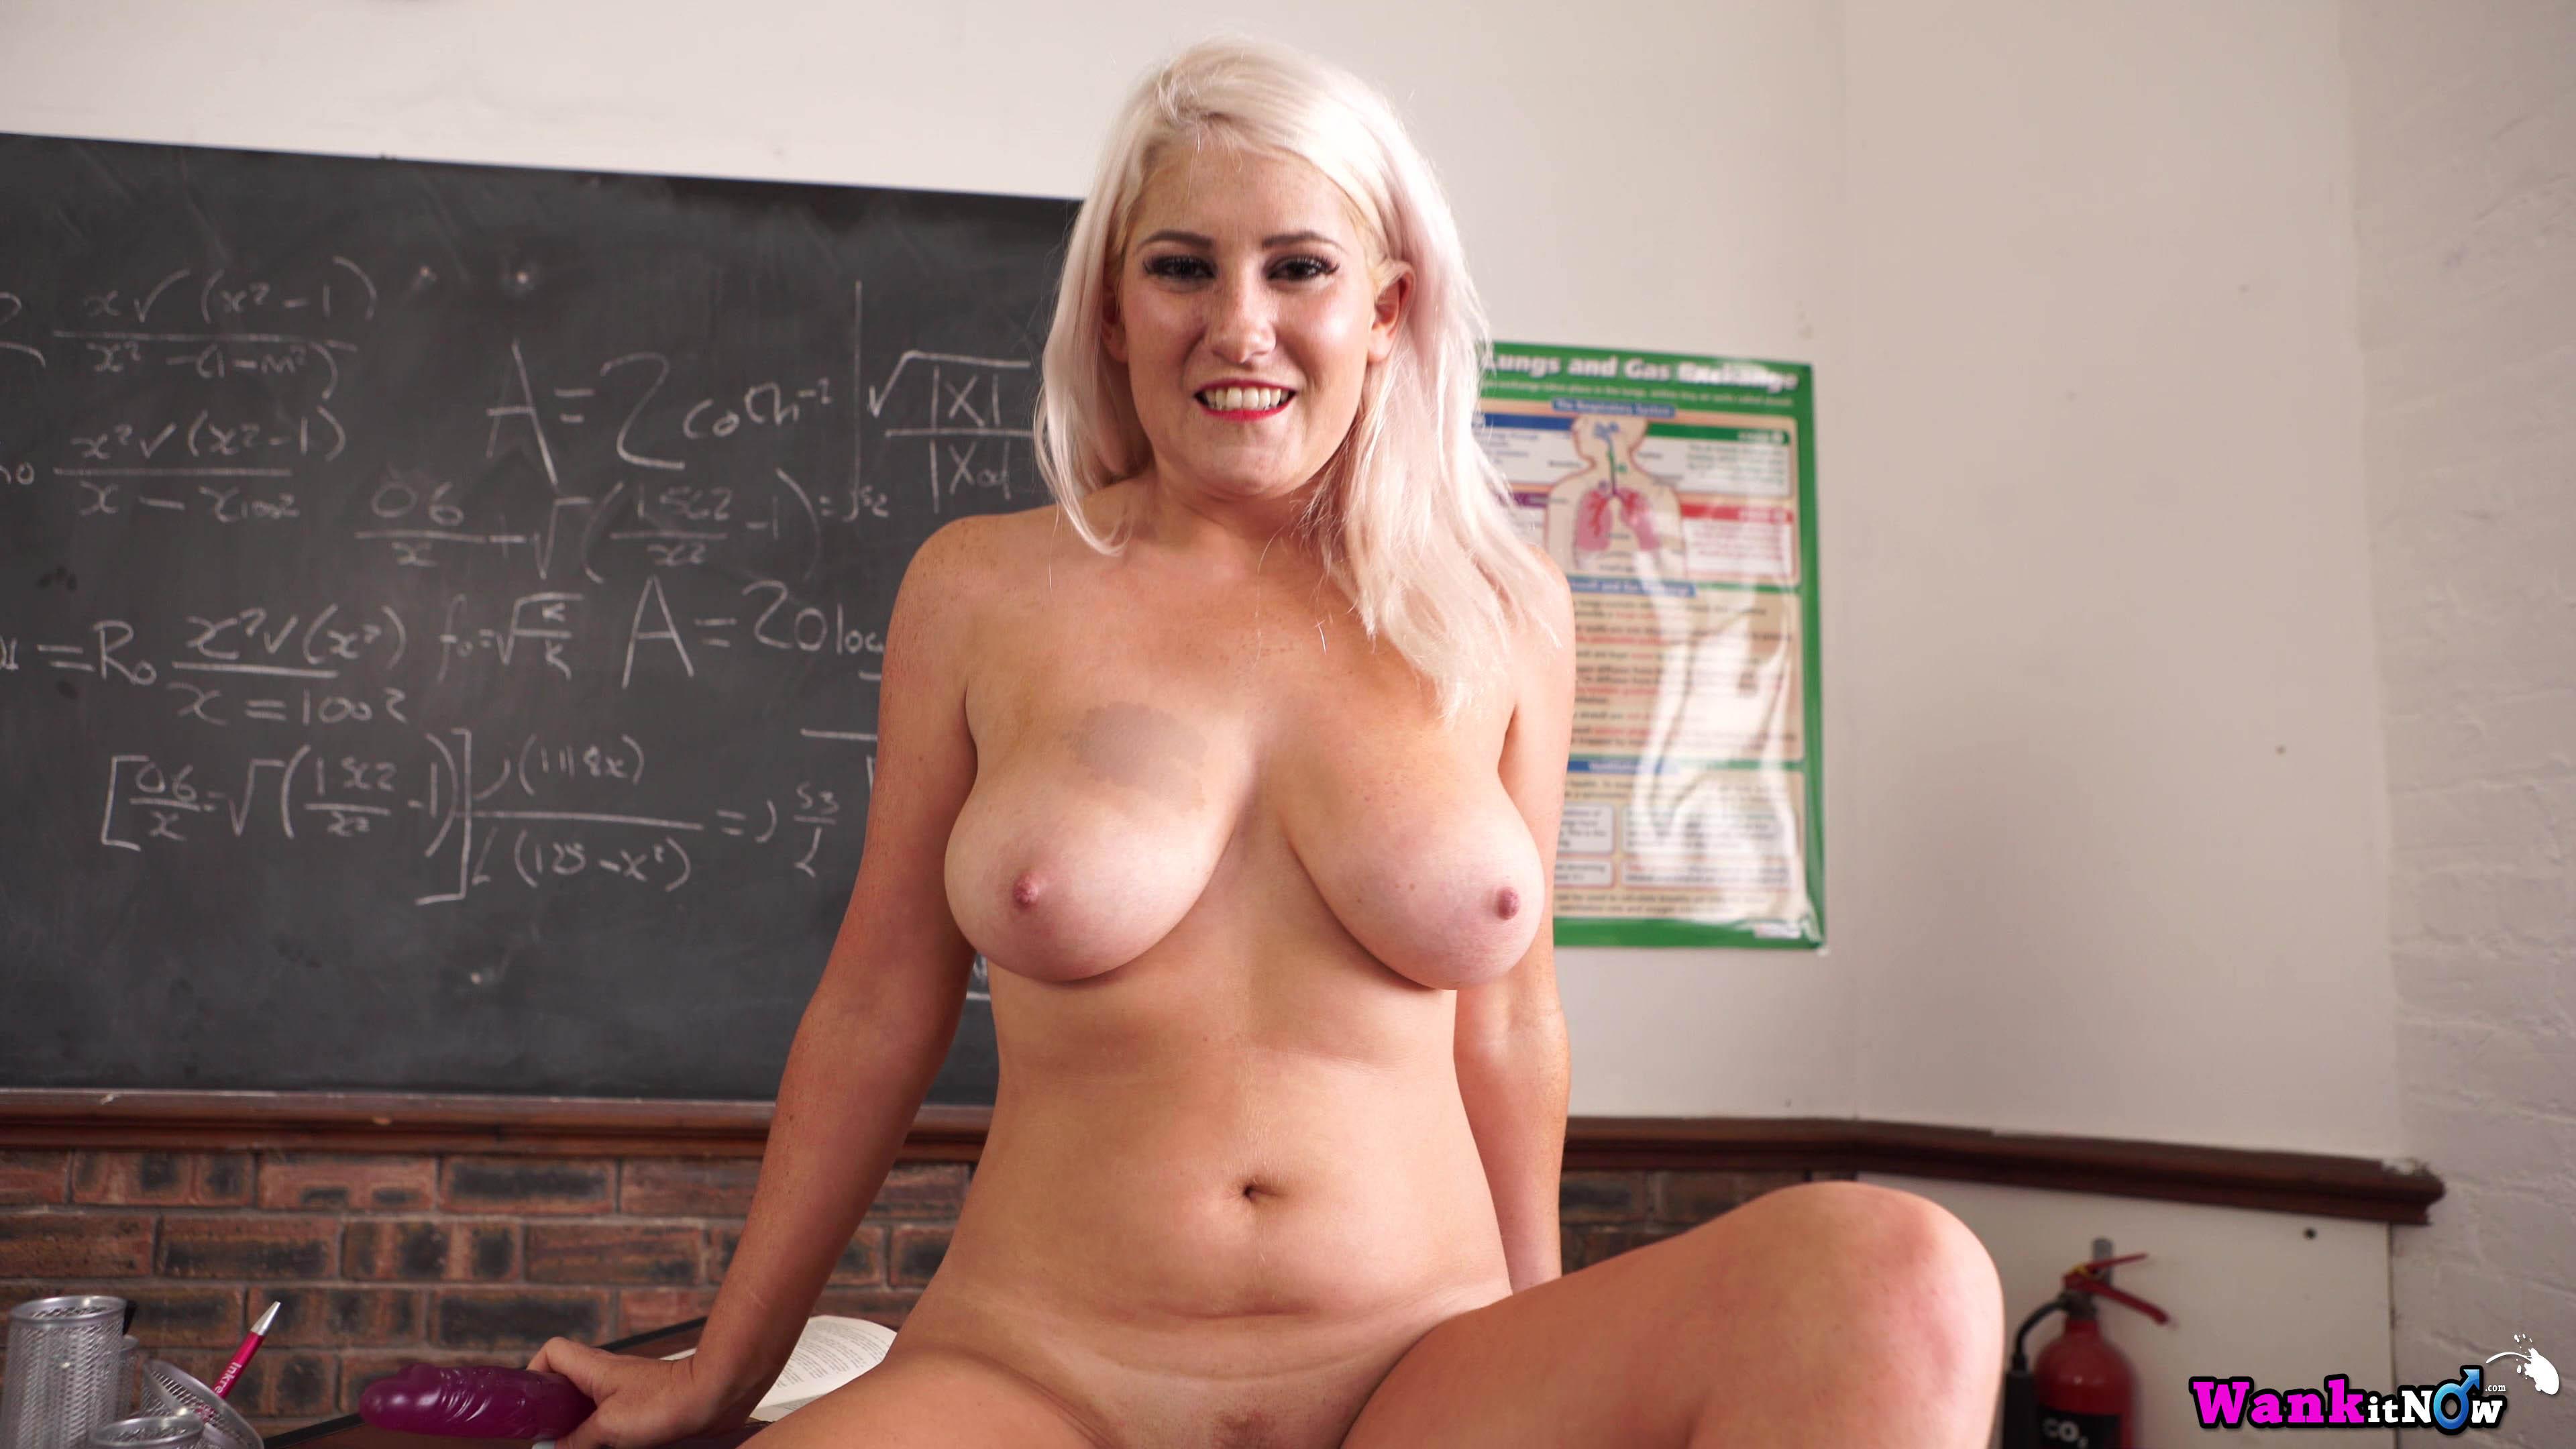 Notorious Teacher Sex Scandals